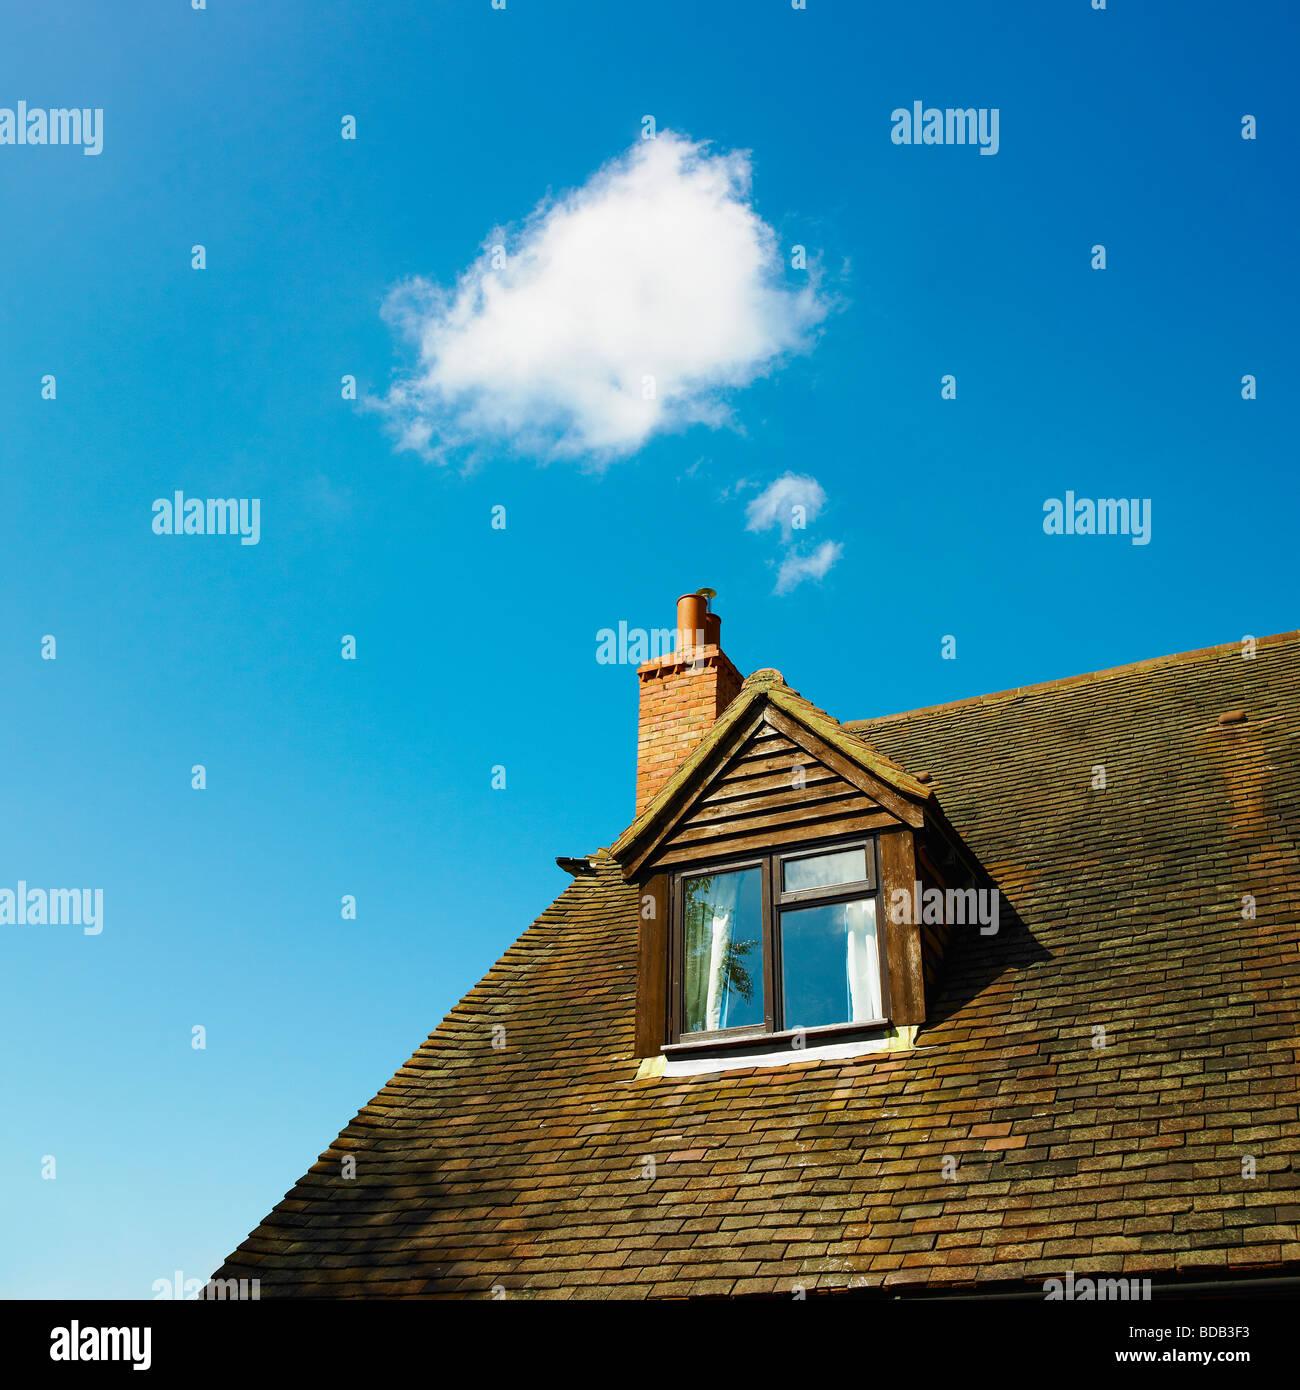 Haus mit Wolken und blauer Himmel - cloud-computing - Büro zu Hause. Stockbild